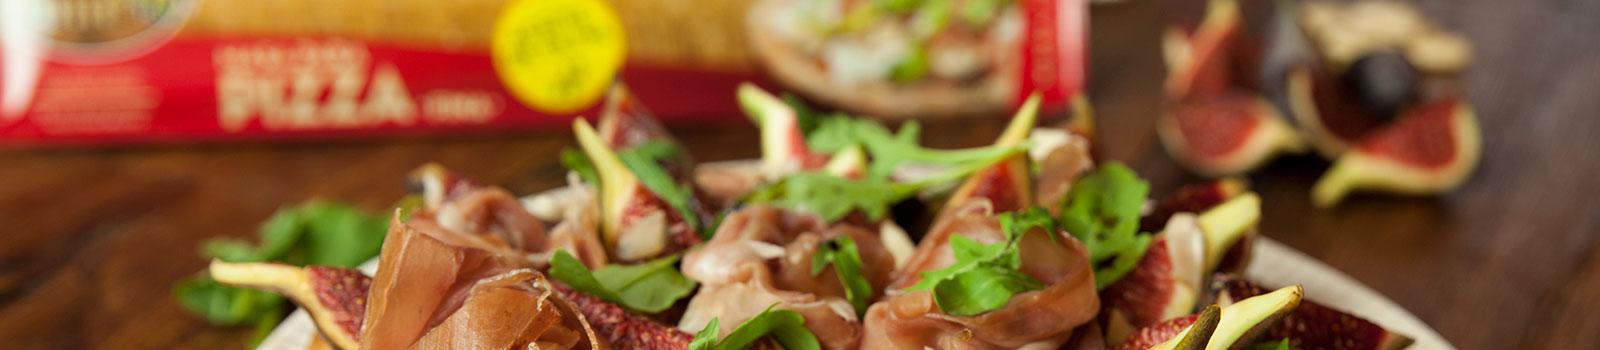 hd-recetas-base-pizza-casa-tarradellas